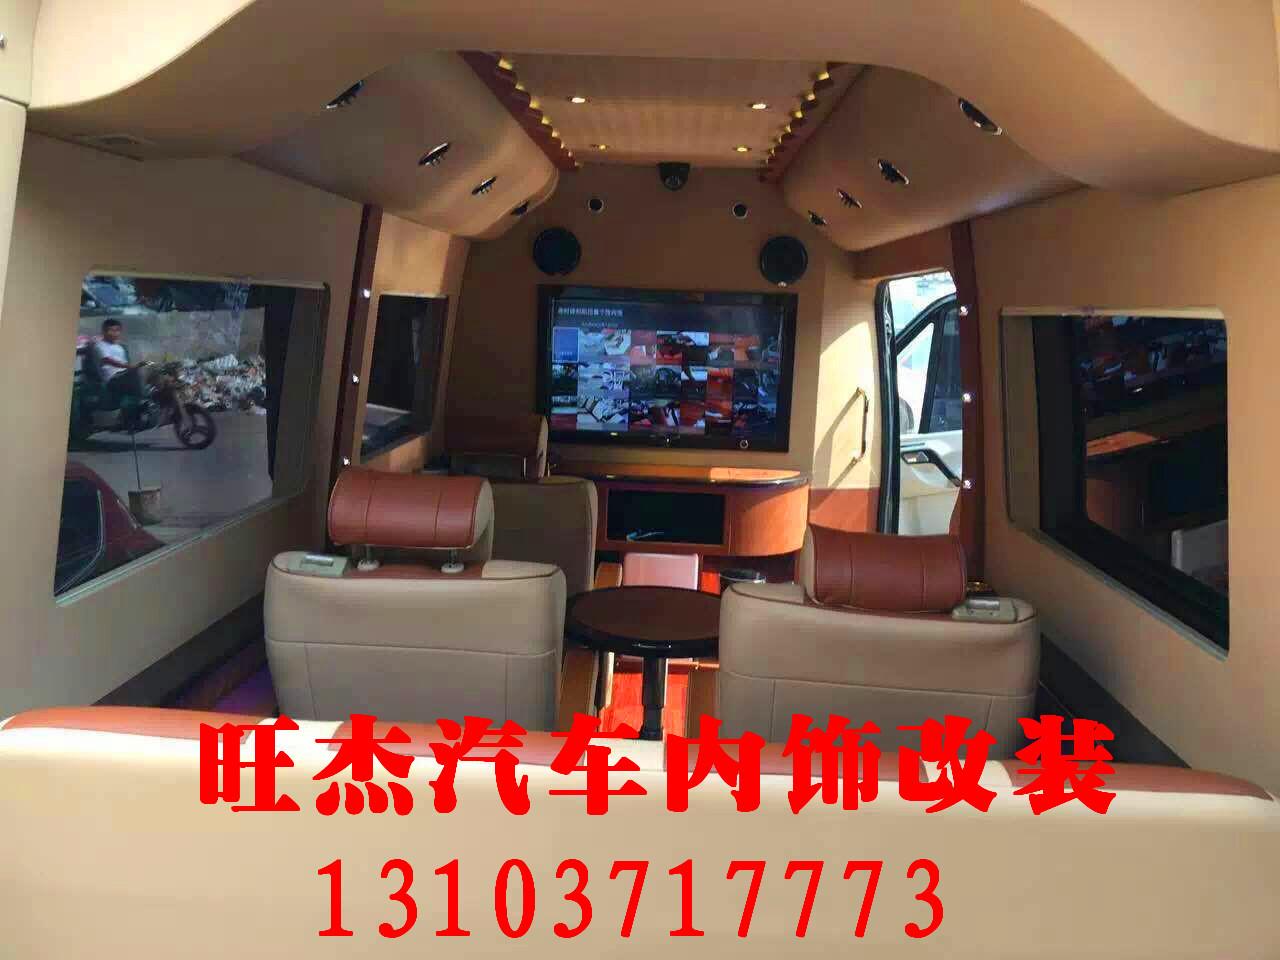 郑州哪里有专业的汽车改装-三门峡房车改装